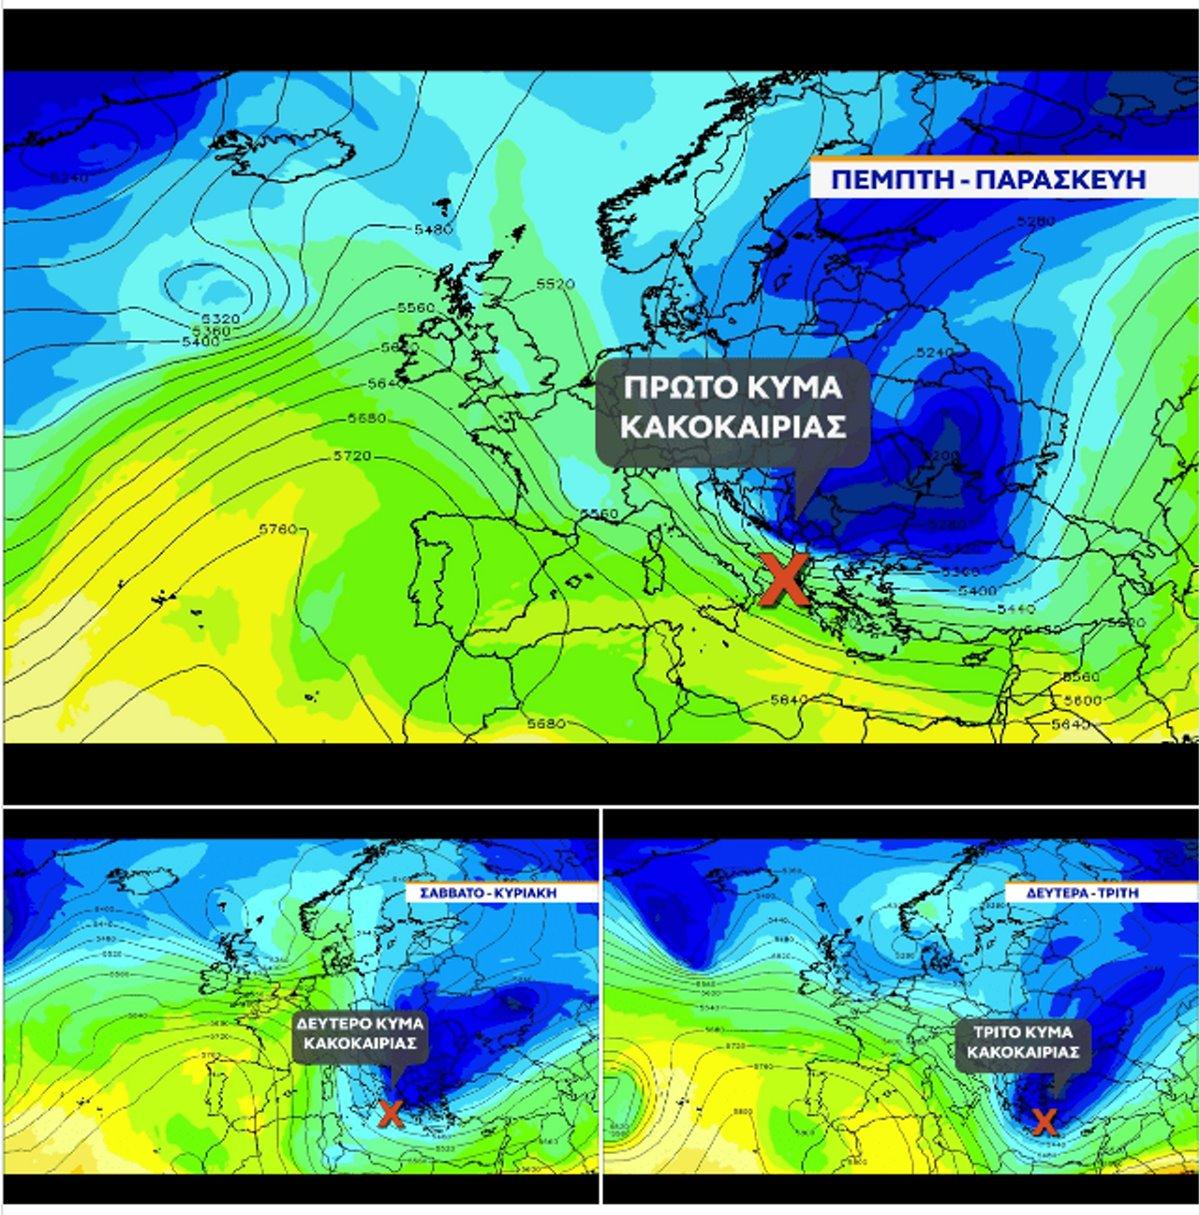 """Καιρός 14/1: Η κακοκαιρία """"Λέανδρος"""" φέρνει πολικό ψύχος τις επόμενες ώρες - Από το βράδυ θα χτυπήσει την Αττική ο χιονιάς..."""